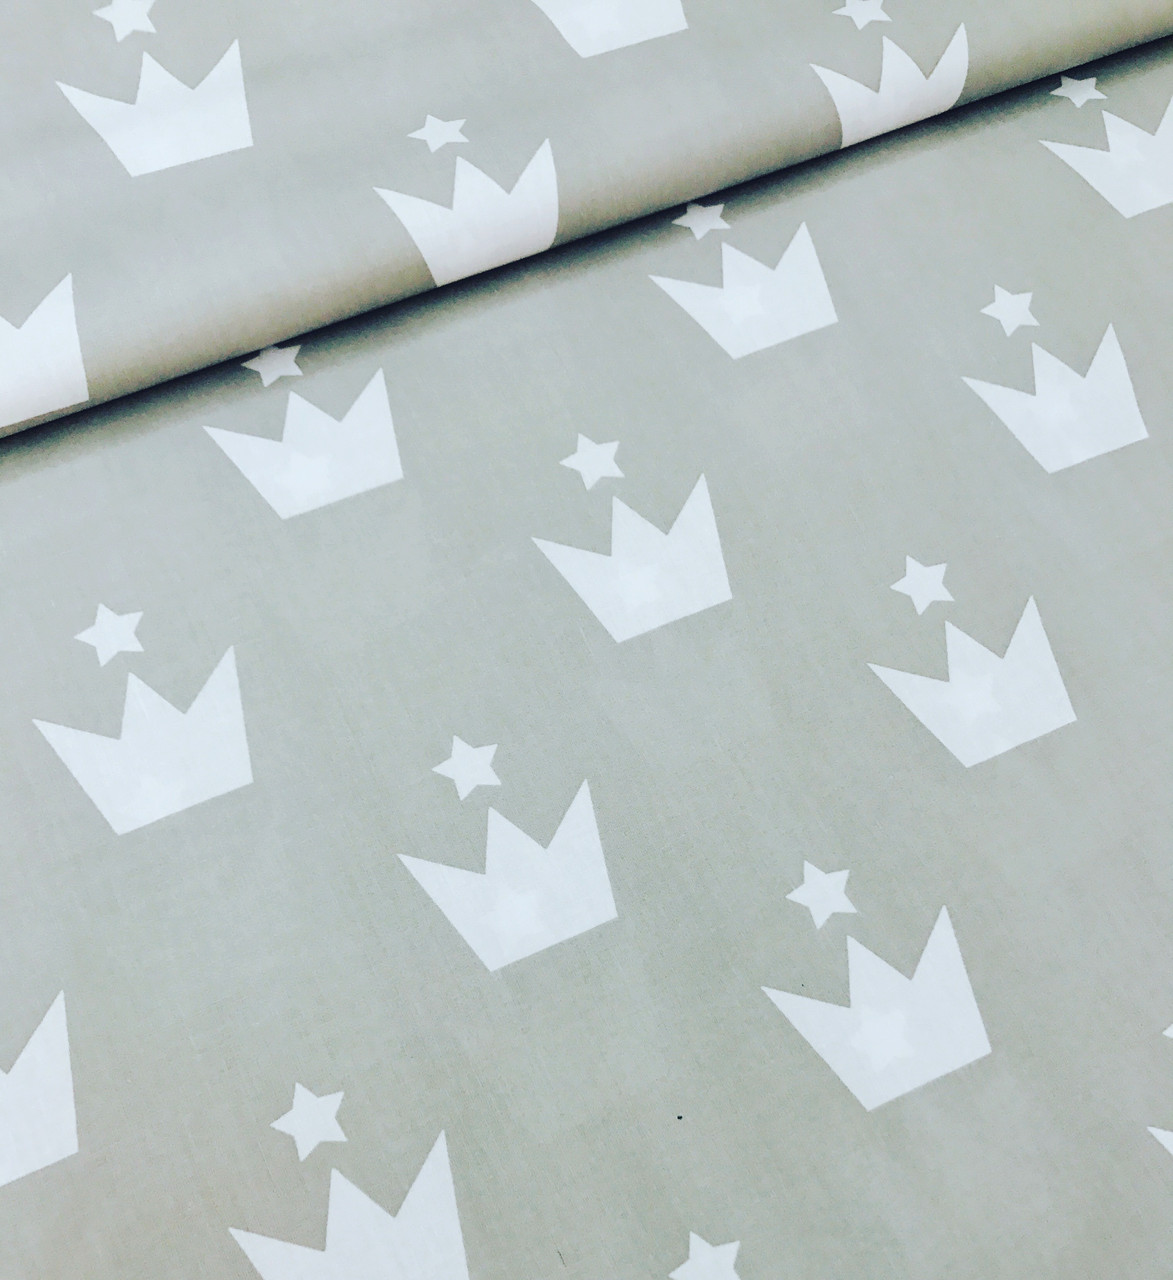 Хлопковая ткань польская короны белые крупные на сером №623